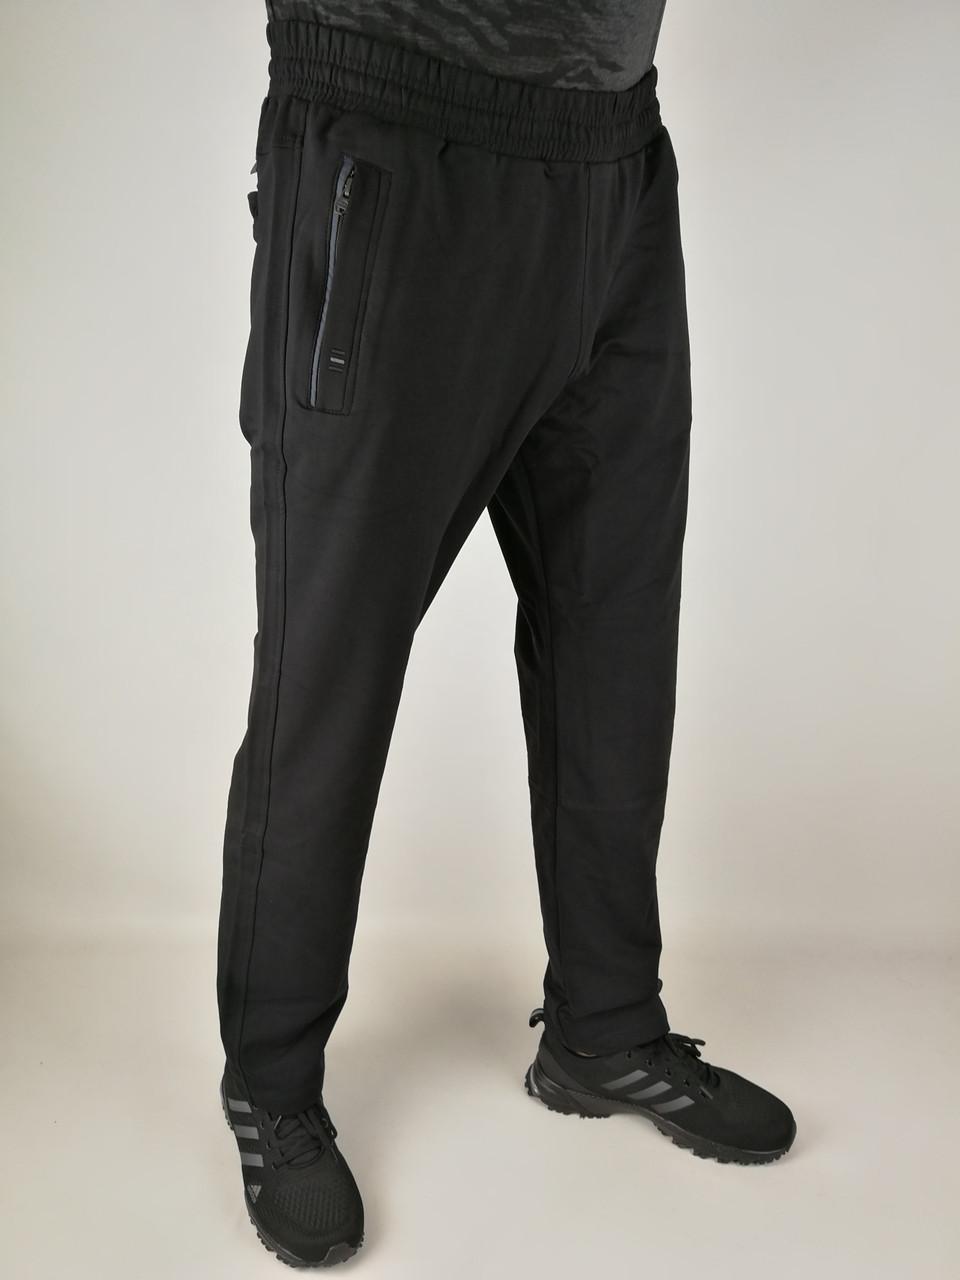 Мужские штаны ровные